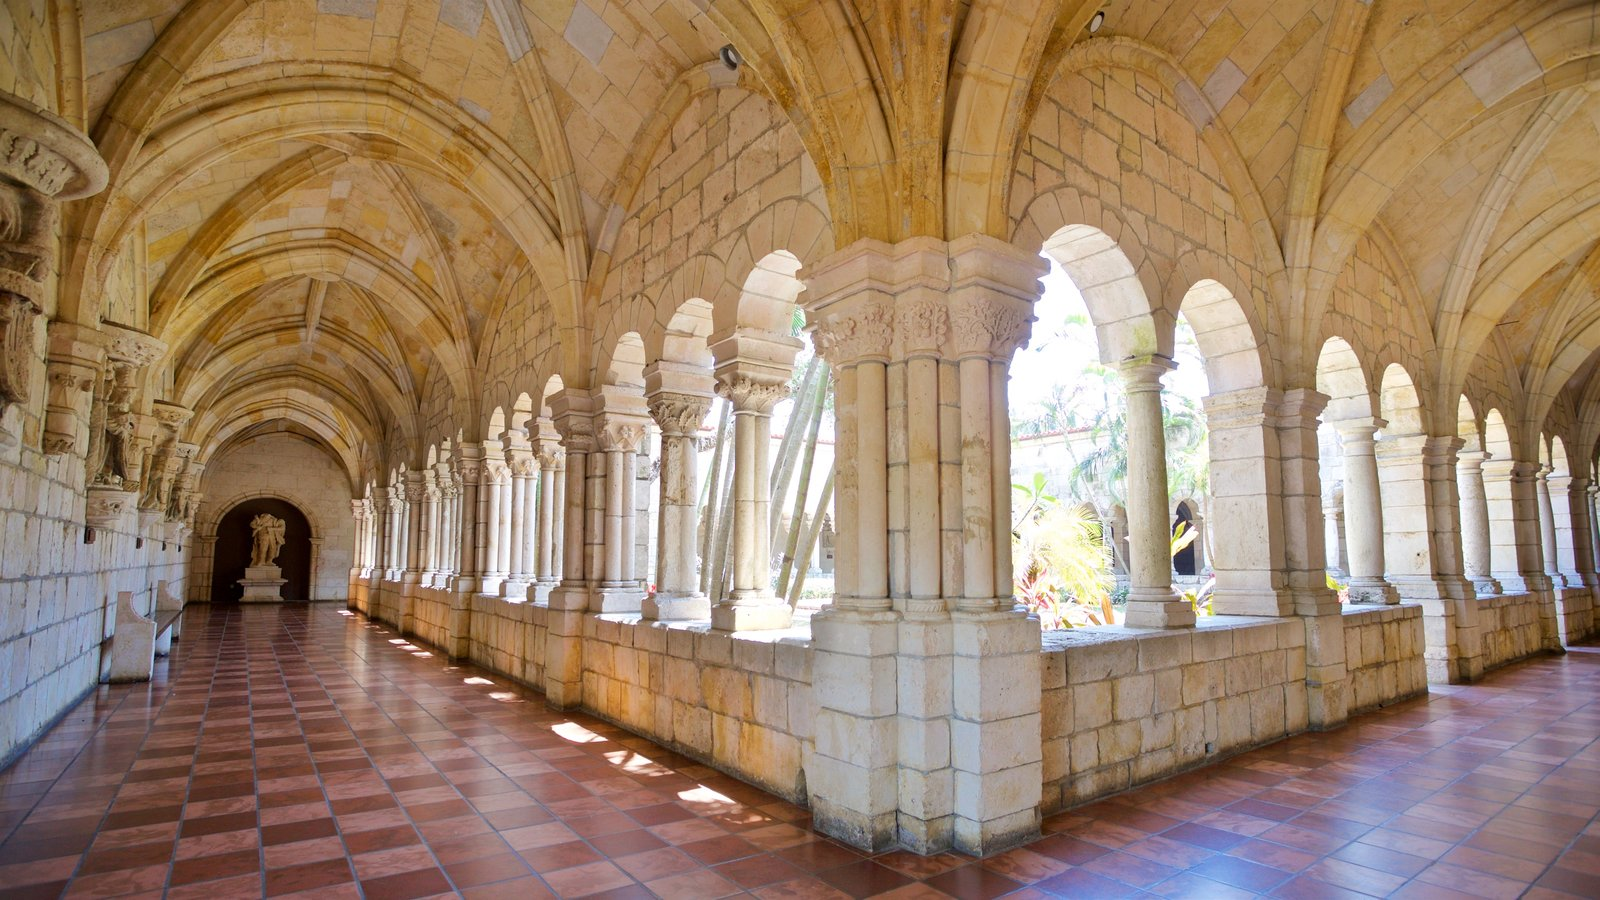 Antiguo Monasterio Español mostrando vistas interiores y elementos del patrimonio